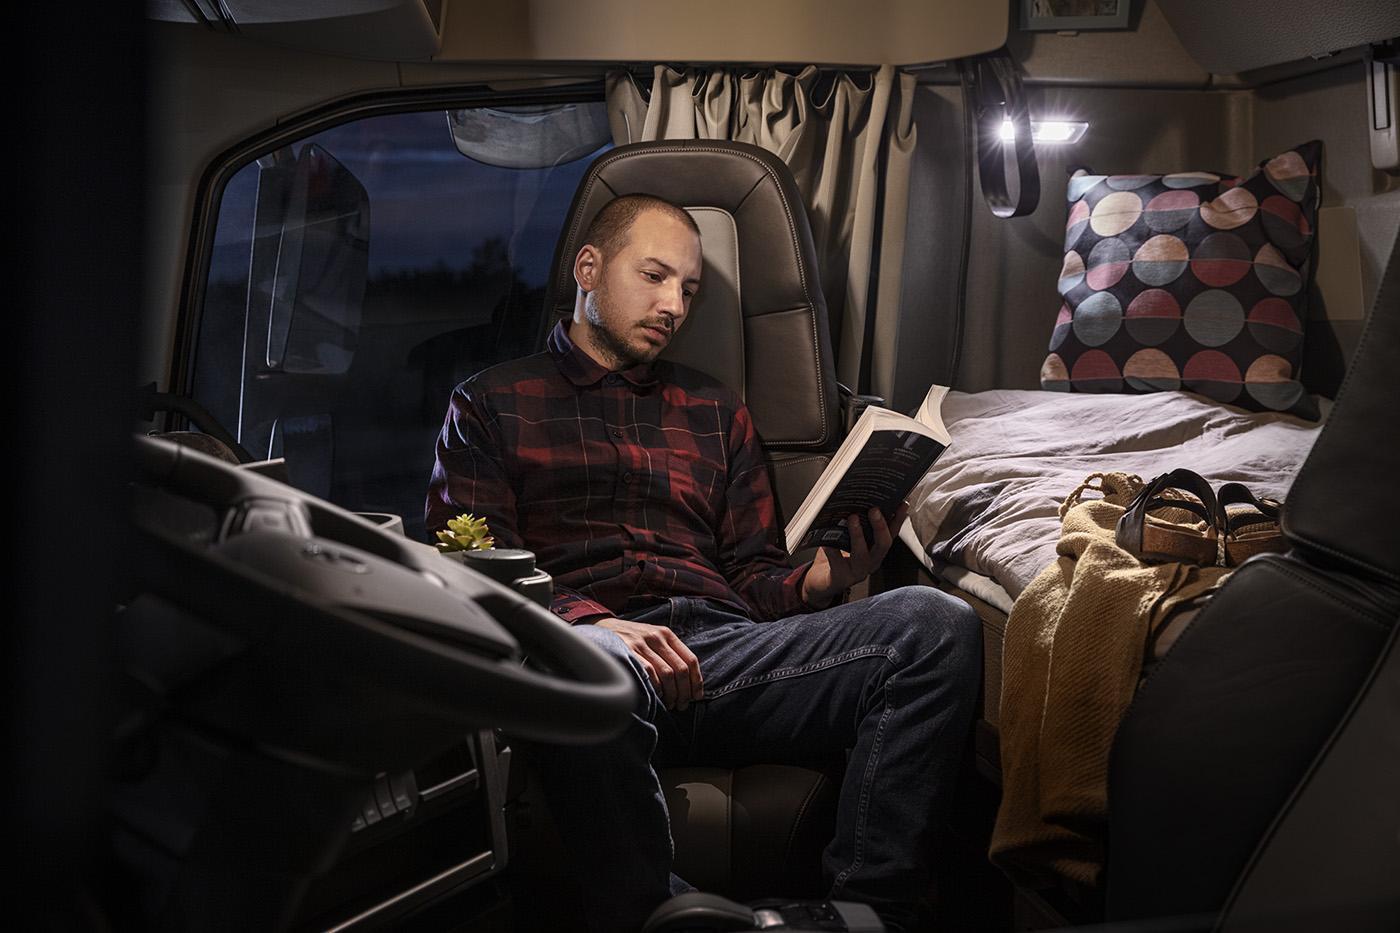 Noul Volvo FH16 promite să ducă productivitatea în transportul greu la alt nivel